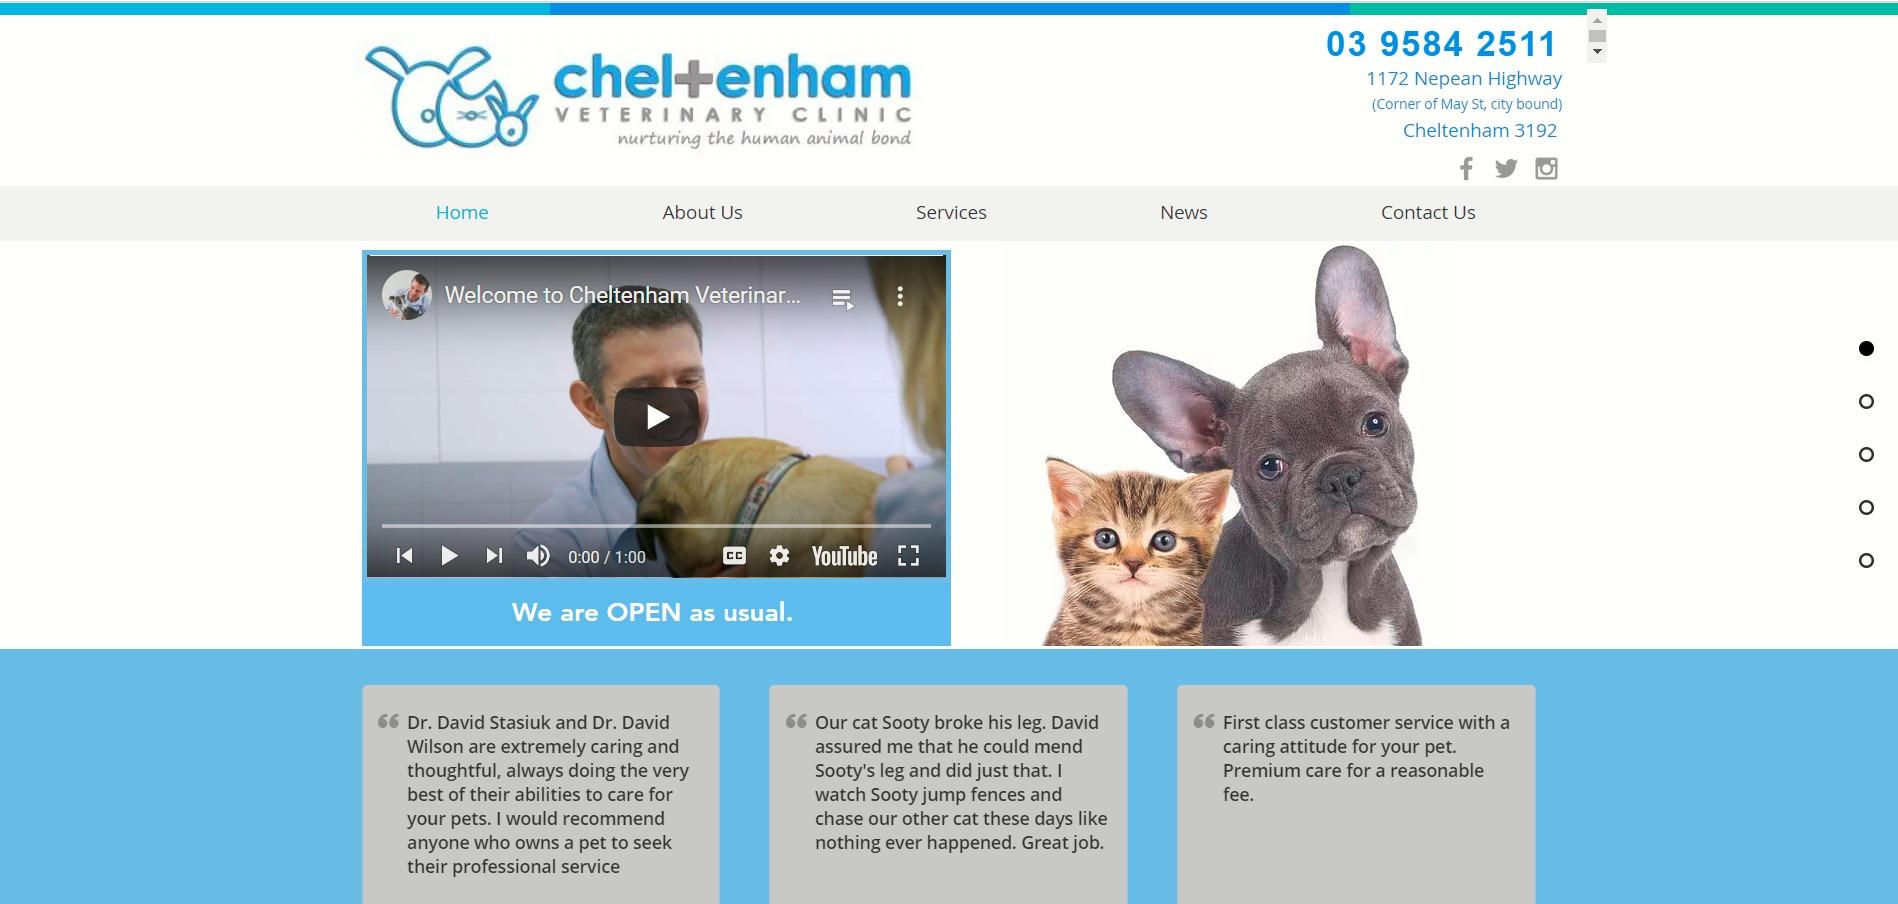 Cheltenham Vet Clinic